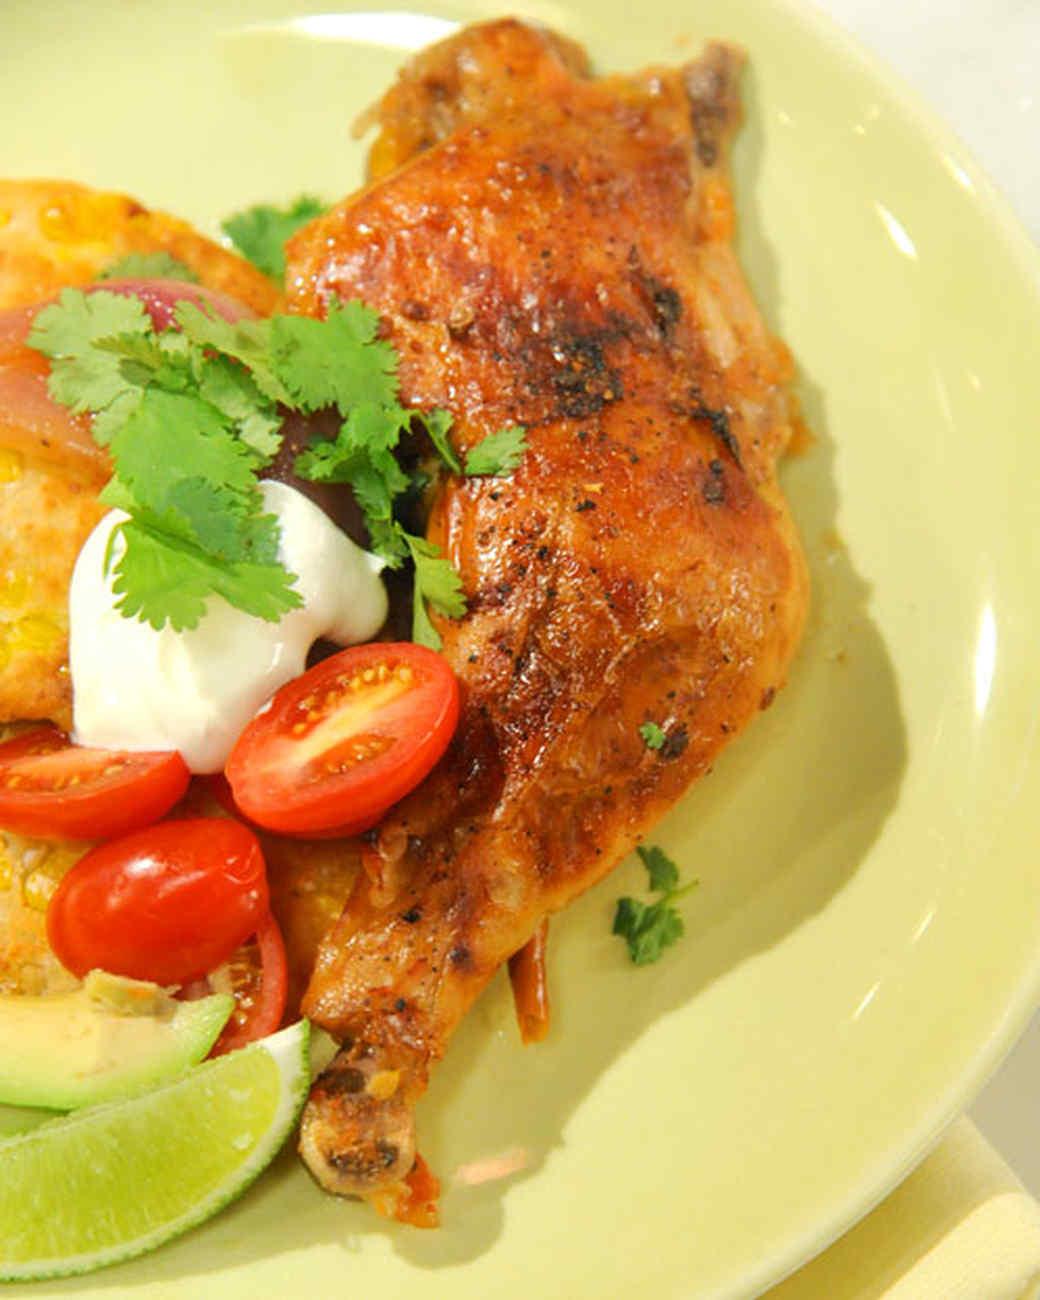 Ponzu-Braised Chicken